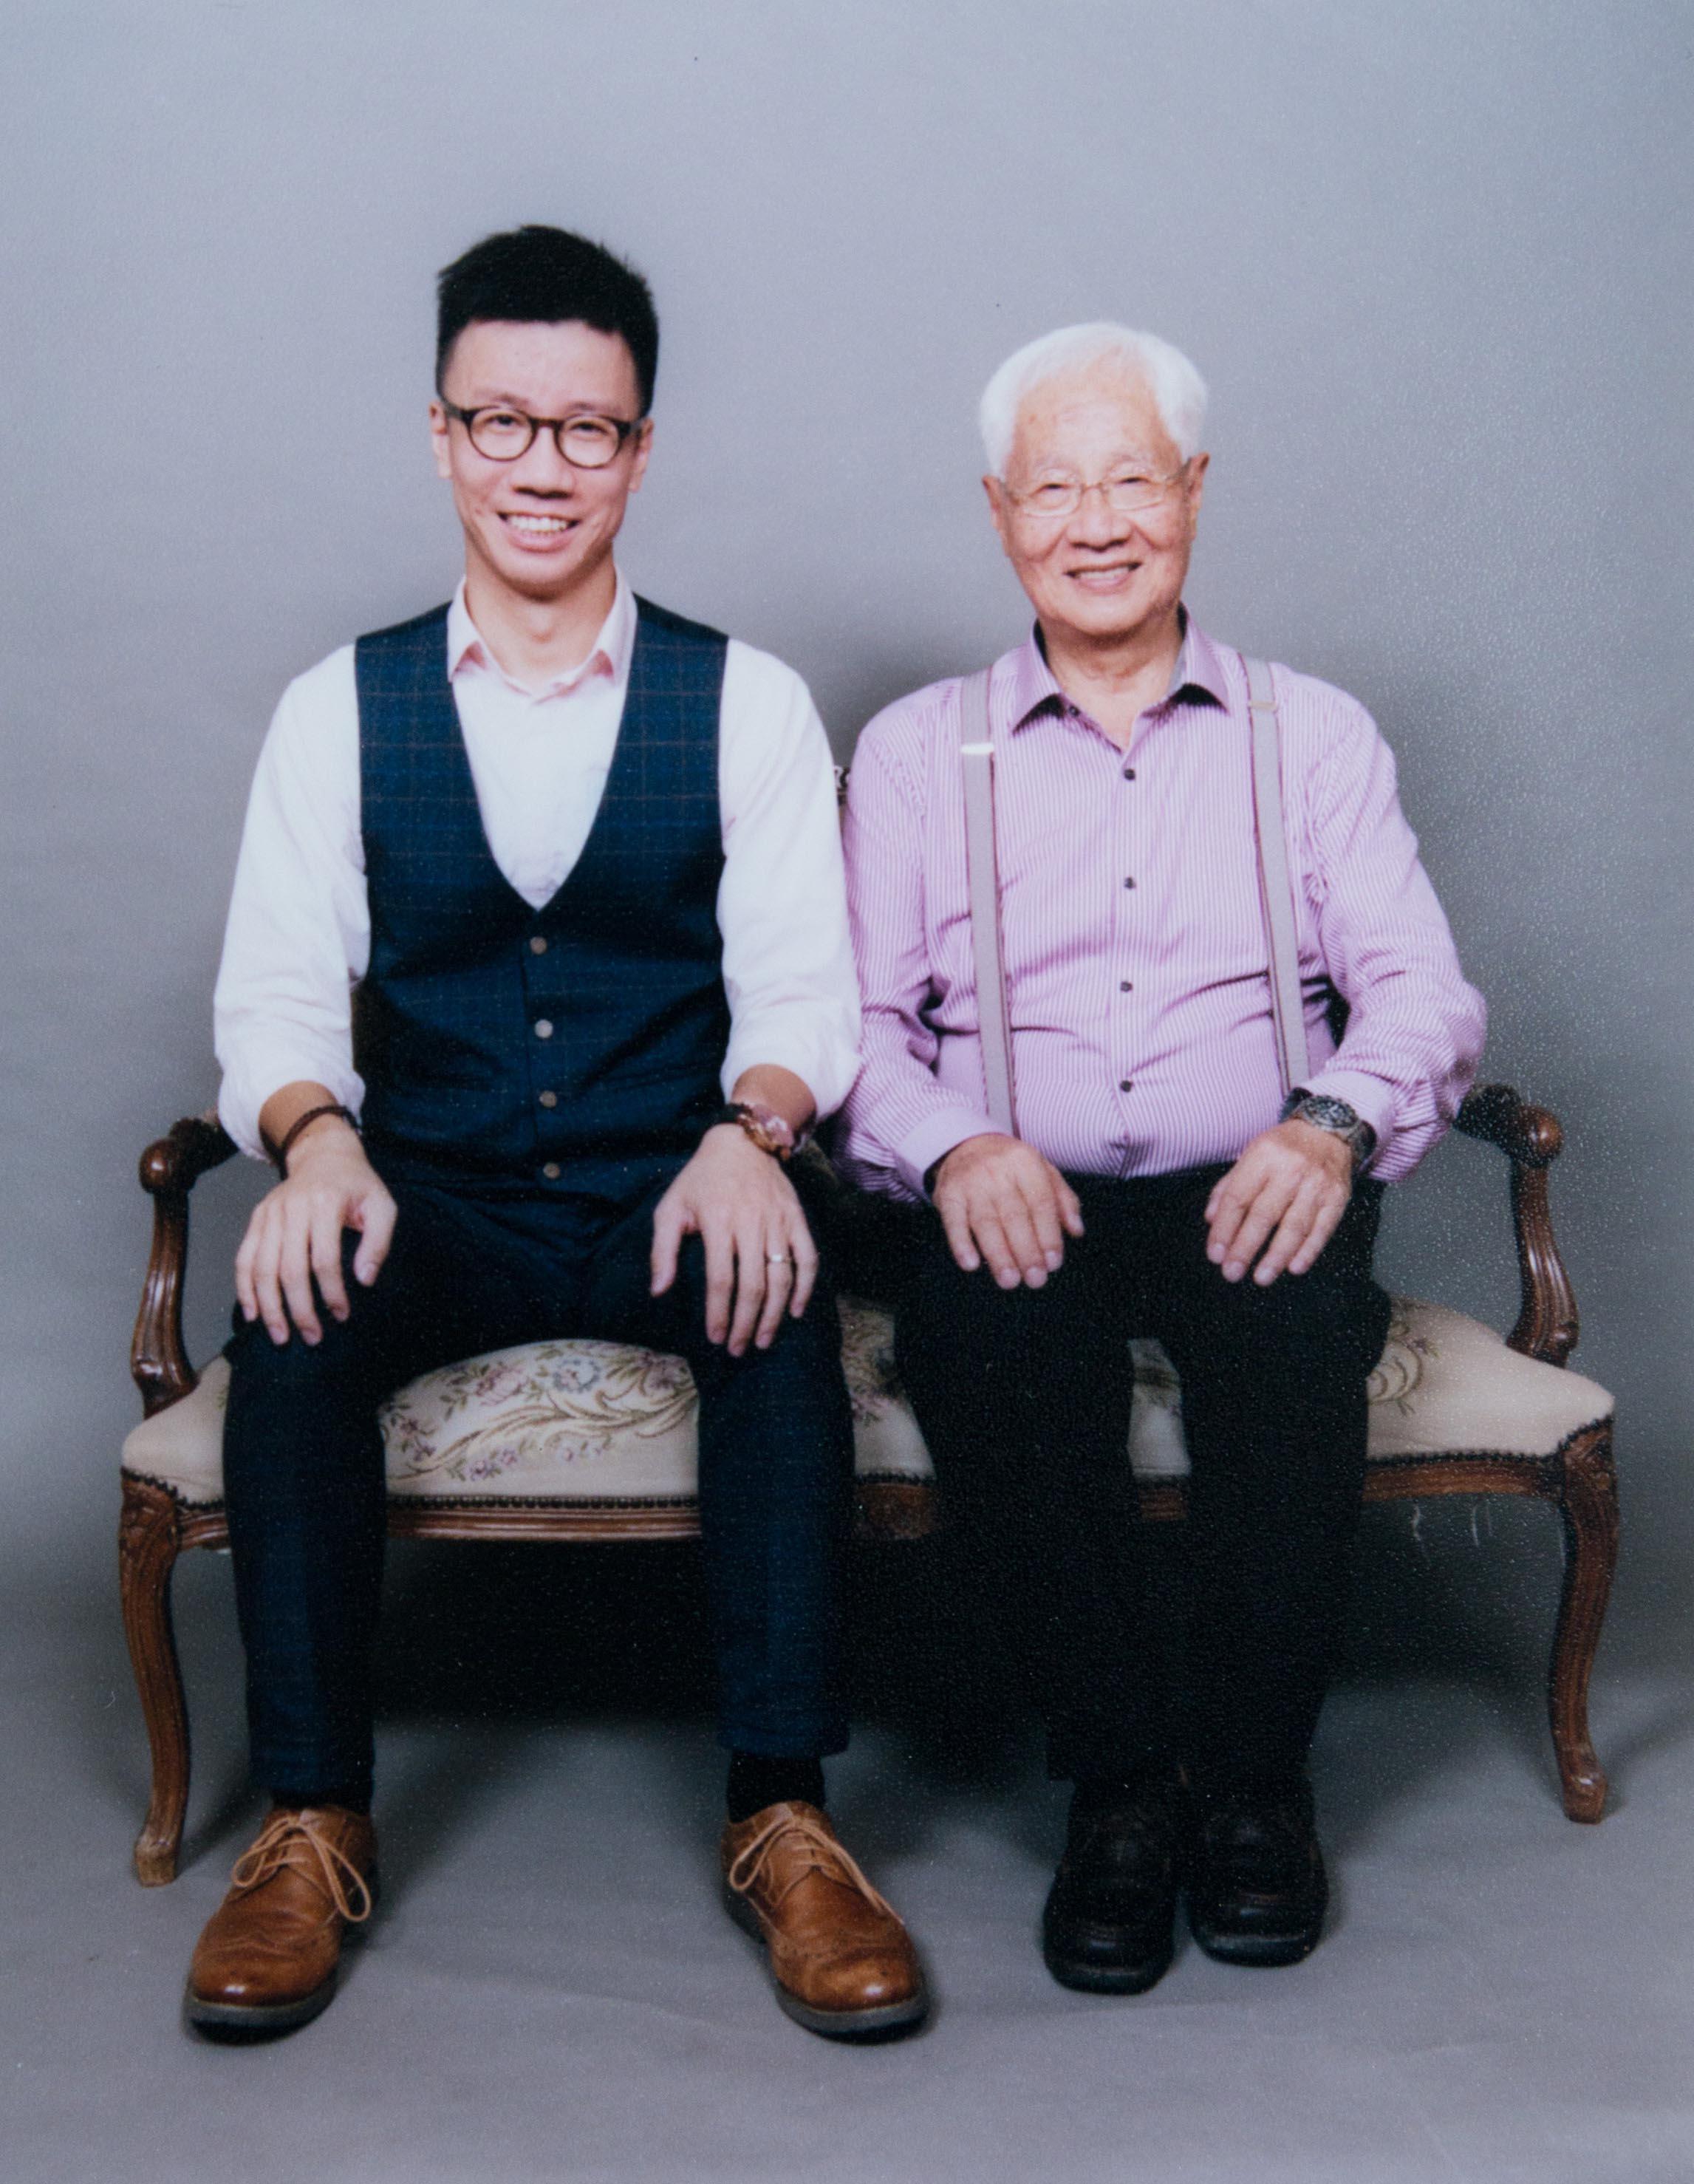 曾志豪與父親應我們邀請到香港舊式影樓合照,我們取相時,影樓的老闆笑問:「拍攝那天他們笑得如此開心,我還以為他們是失散多年的父子呢!」。